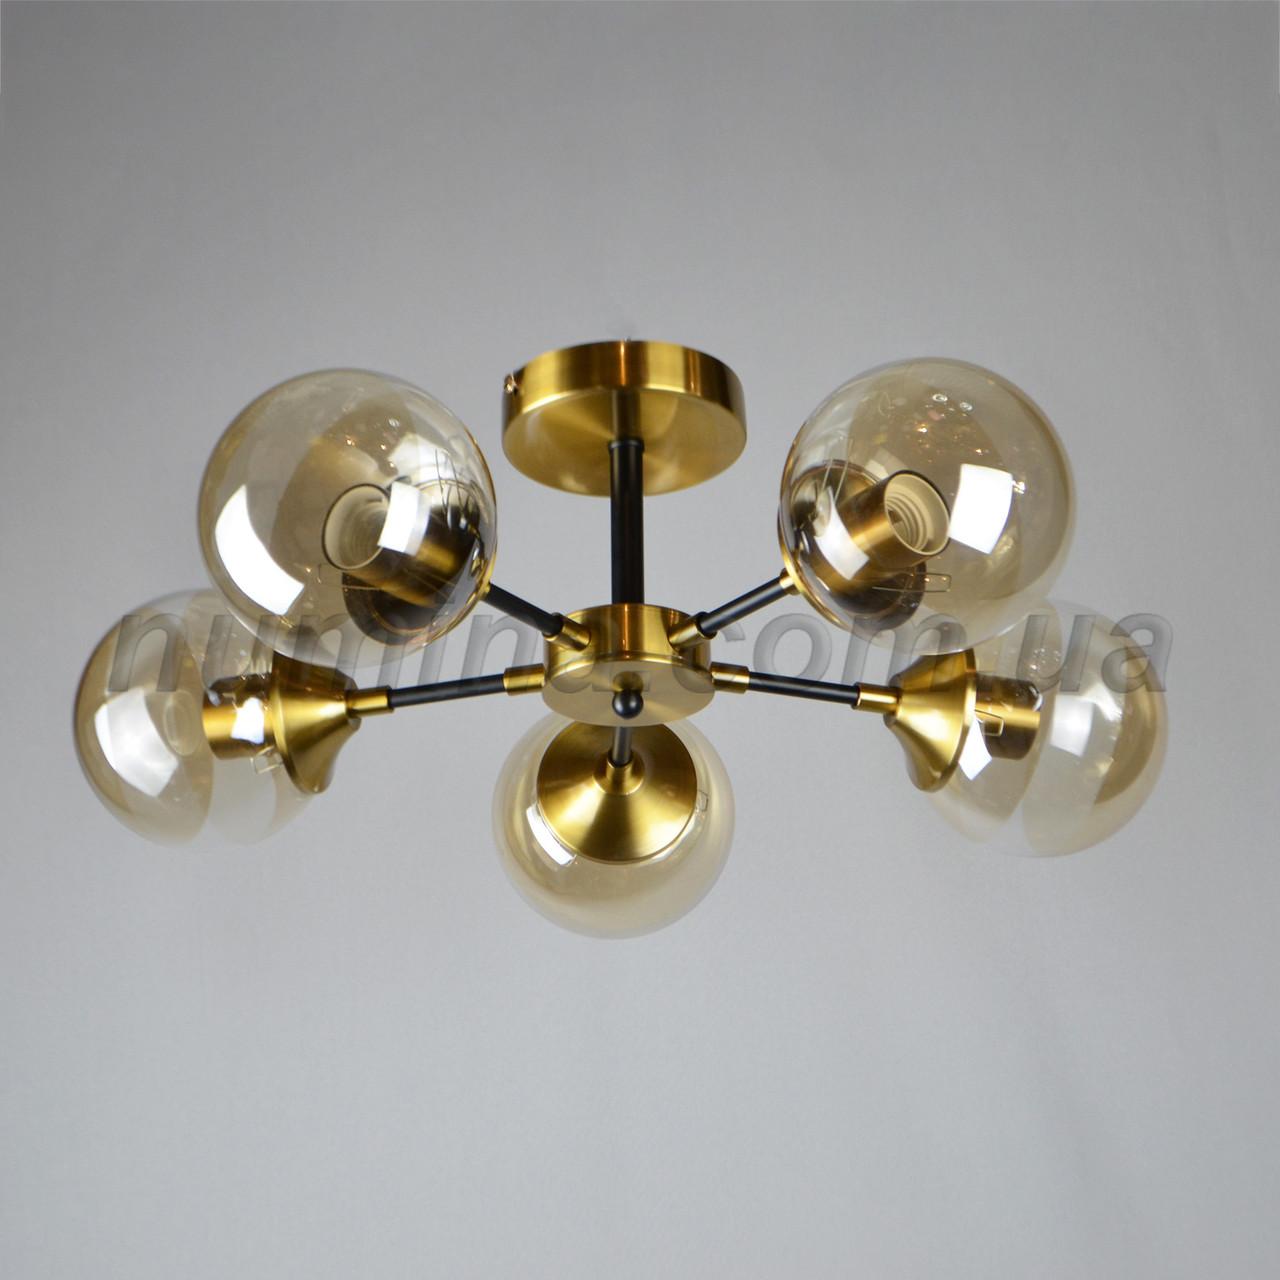 Люстра потолочная на пять ламп 06-2713/5 GD+BK+BR